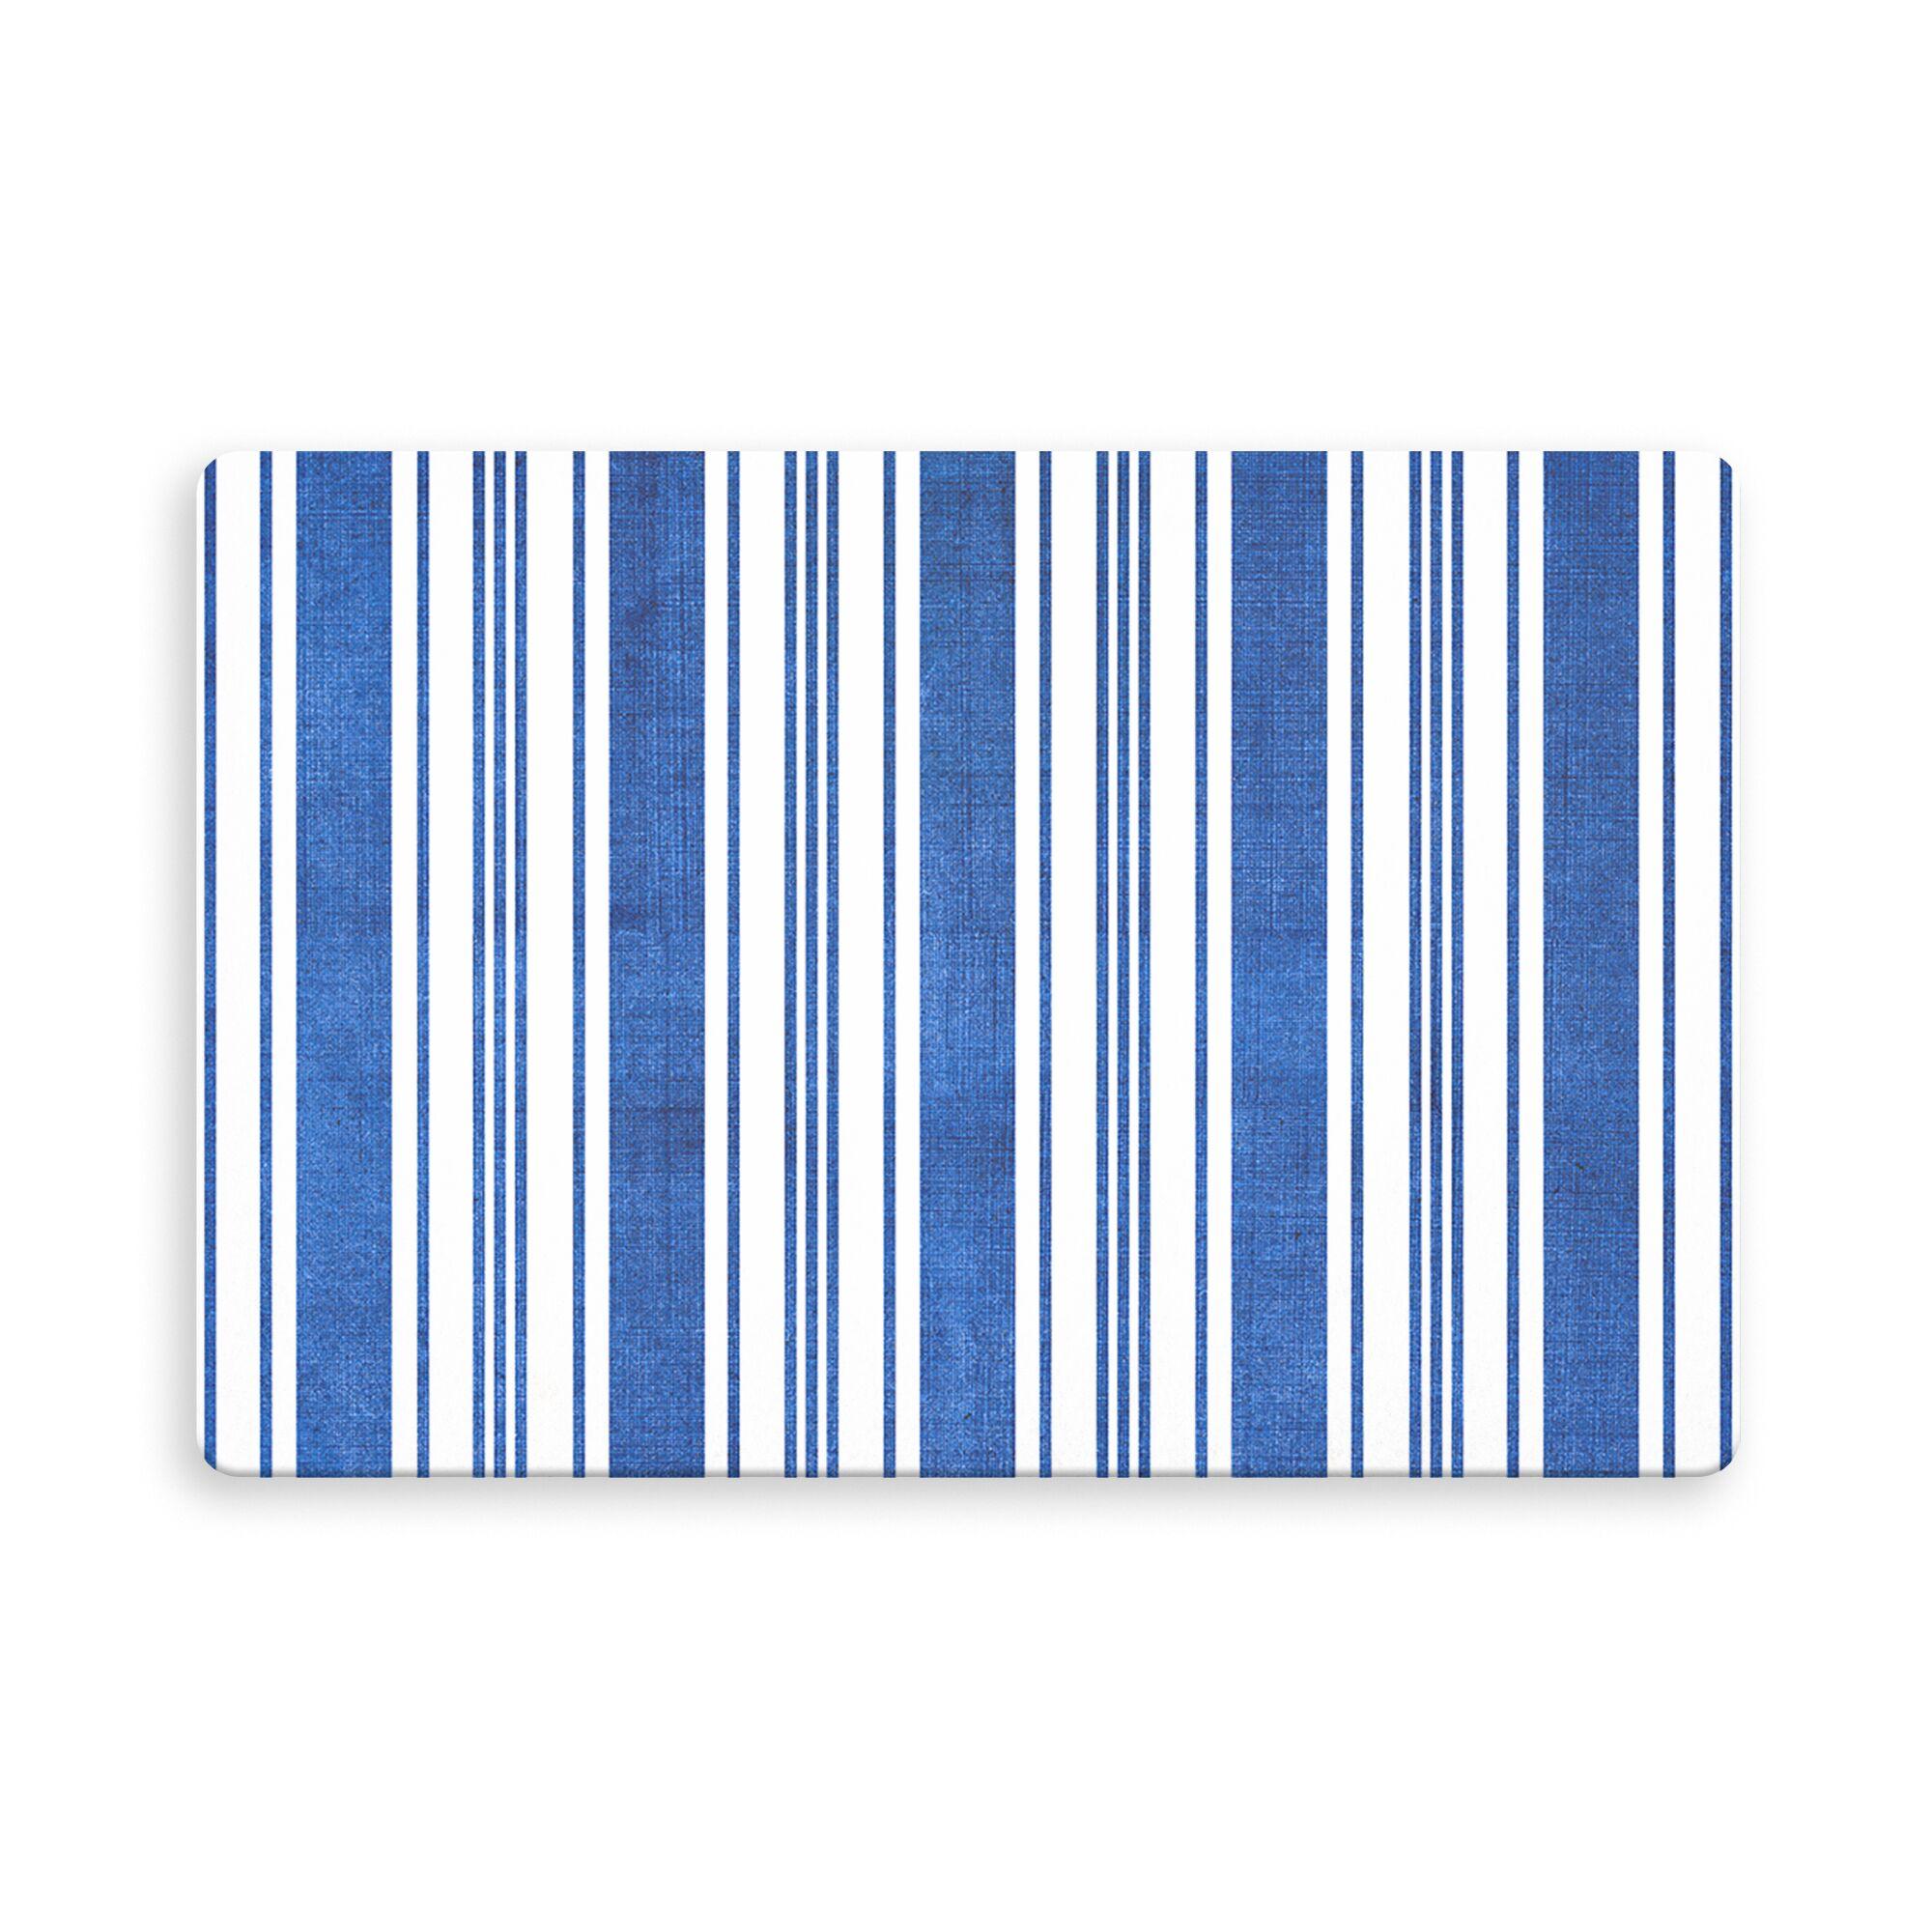 Ellicott Castaneda Indoor/Outdoor Doormat Color: Blue, Mat Size: Rectangle 2'6